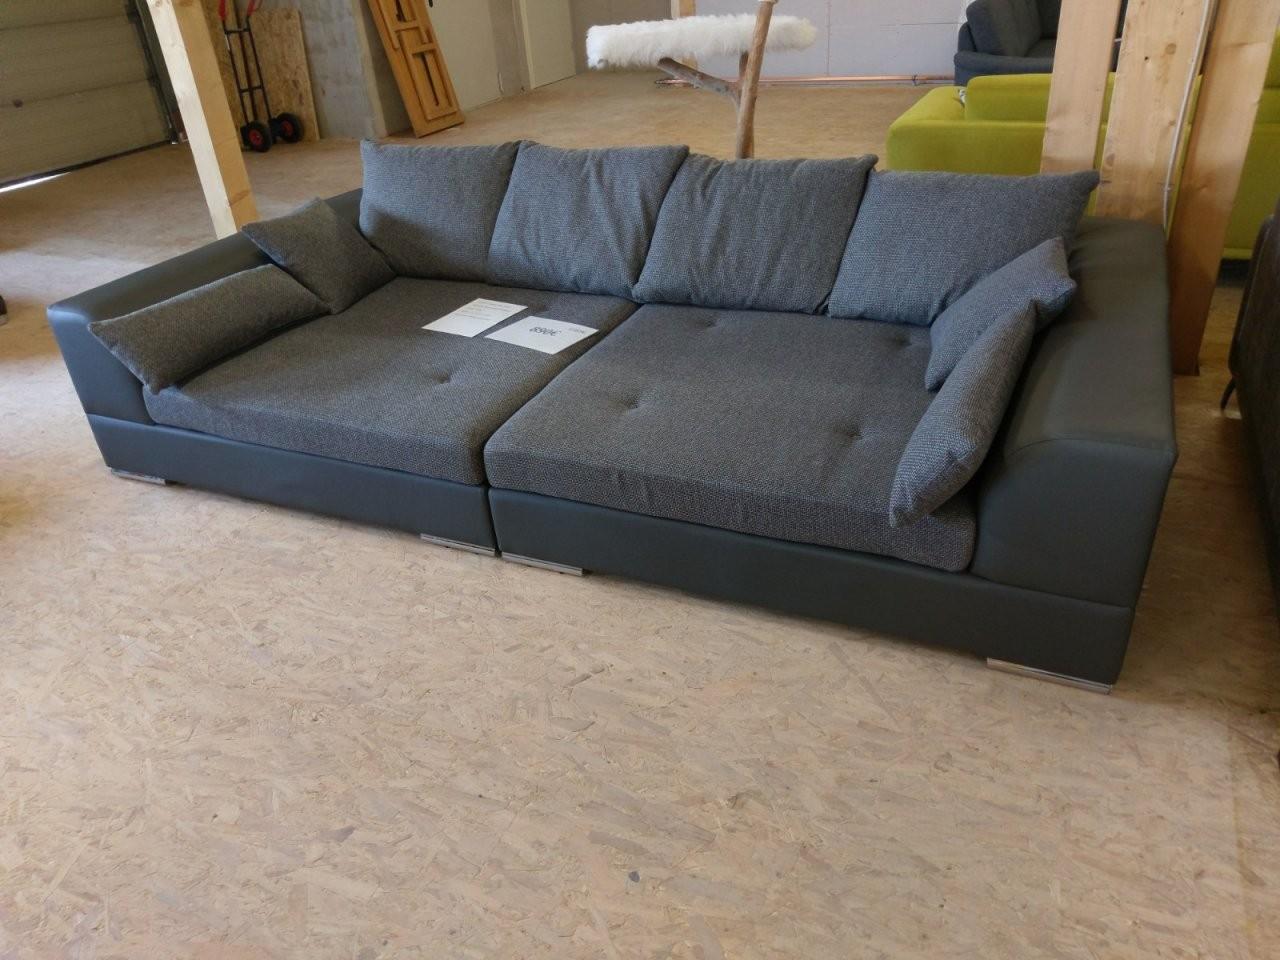 Big Sofas  Günstige Big Sofas Online Kaufen  Poco von Big Sofa Billig Kaufen Bild